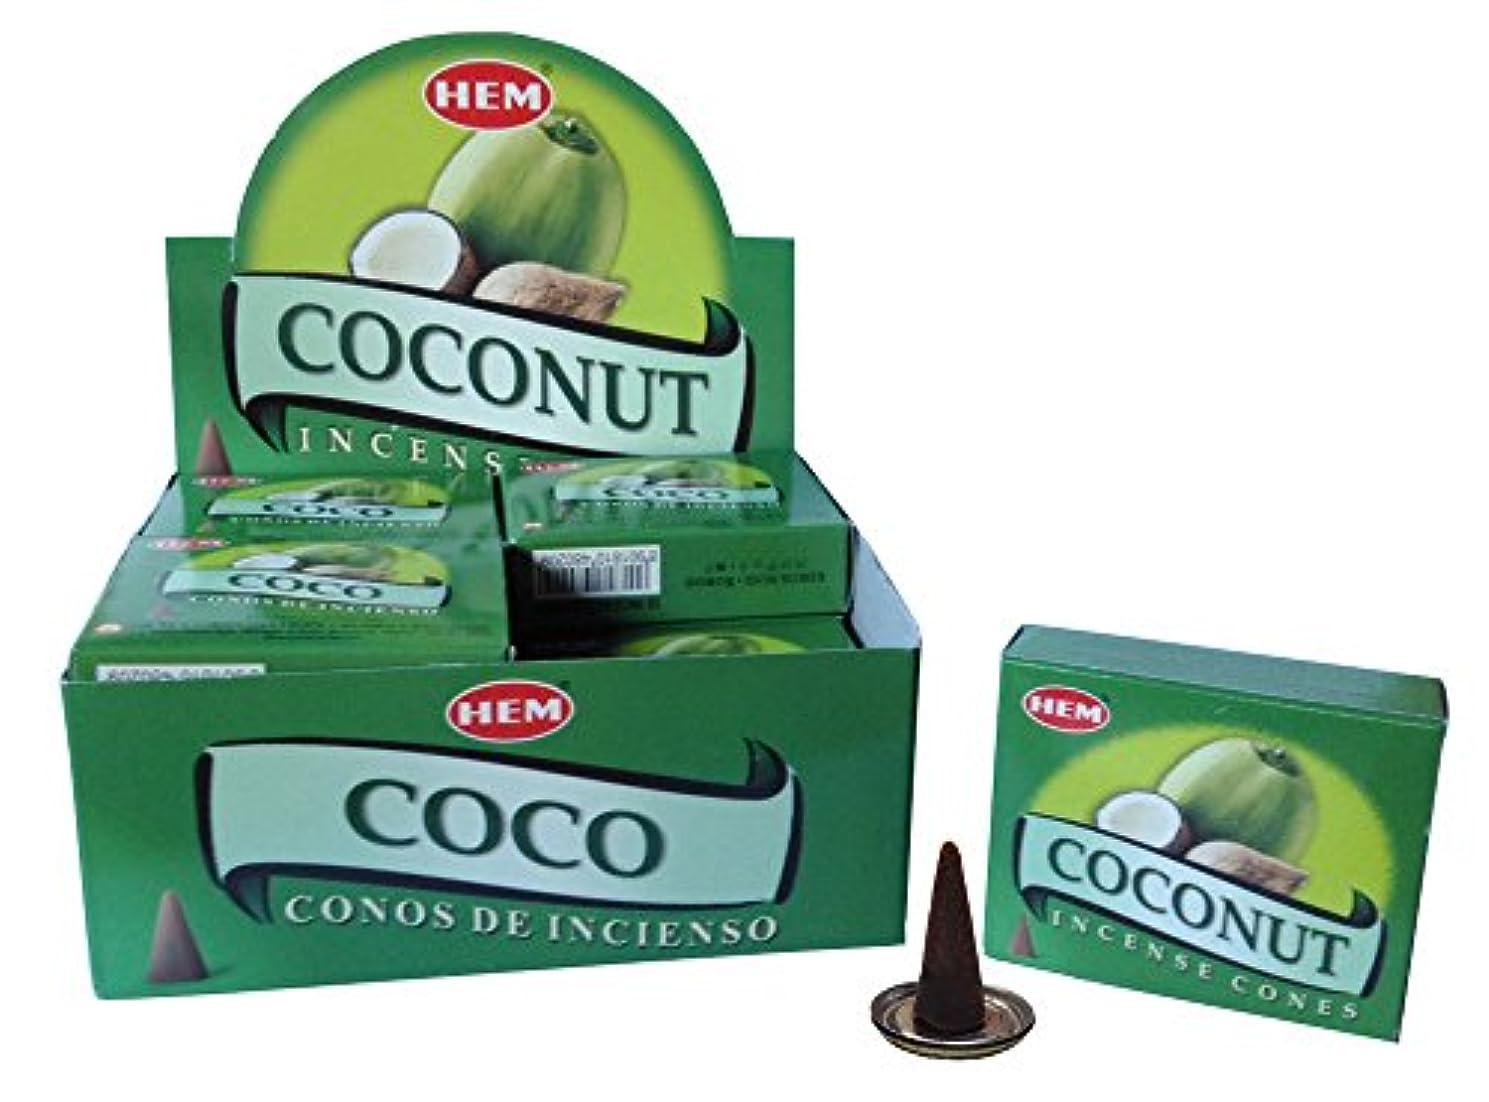 プラス見かけ上びっくりHEM ココナッツ コーン 12個セット